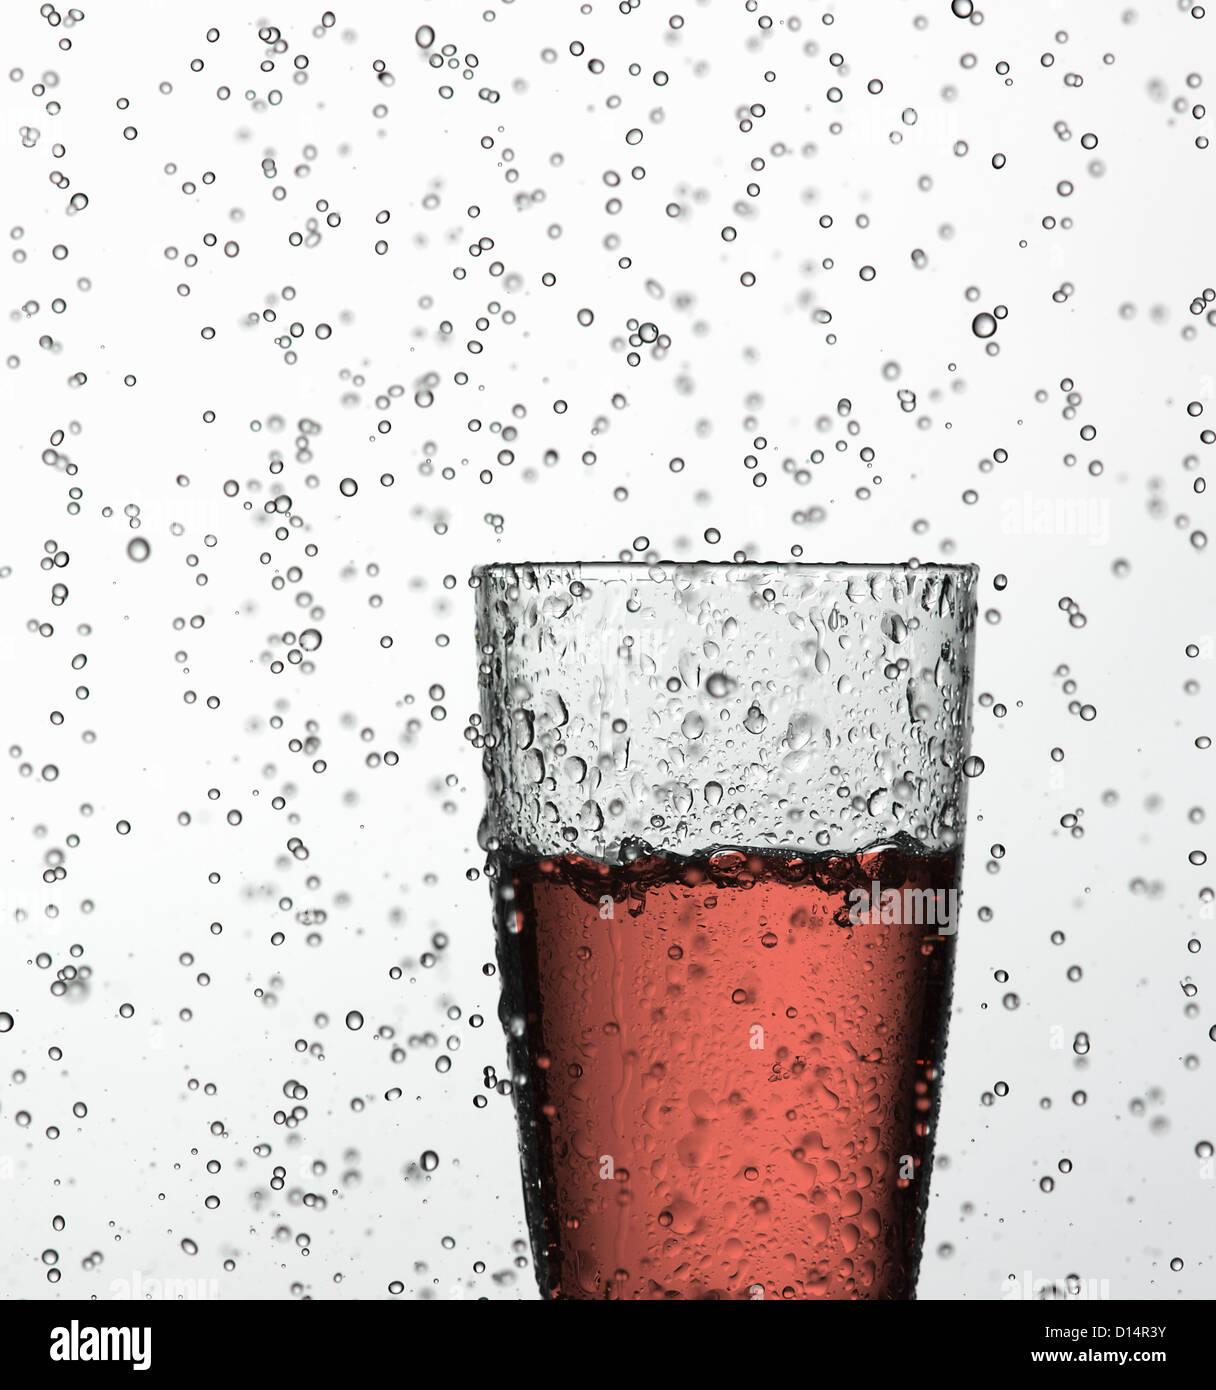 Vaso de zumo en gotas de agua Imagen De Stock